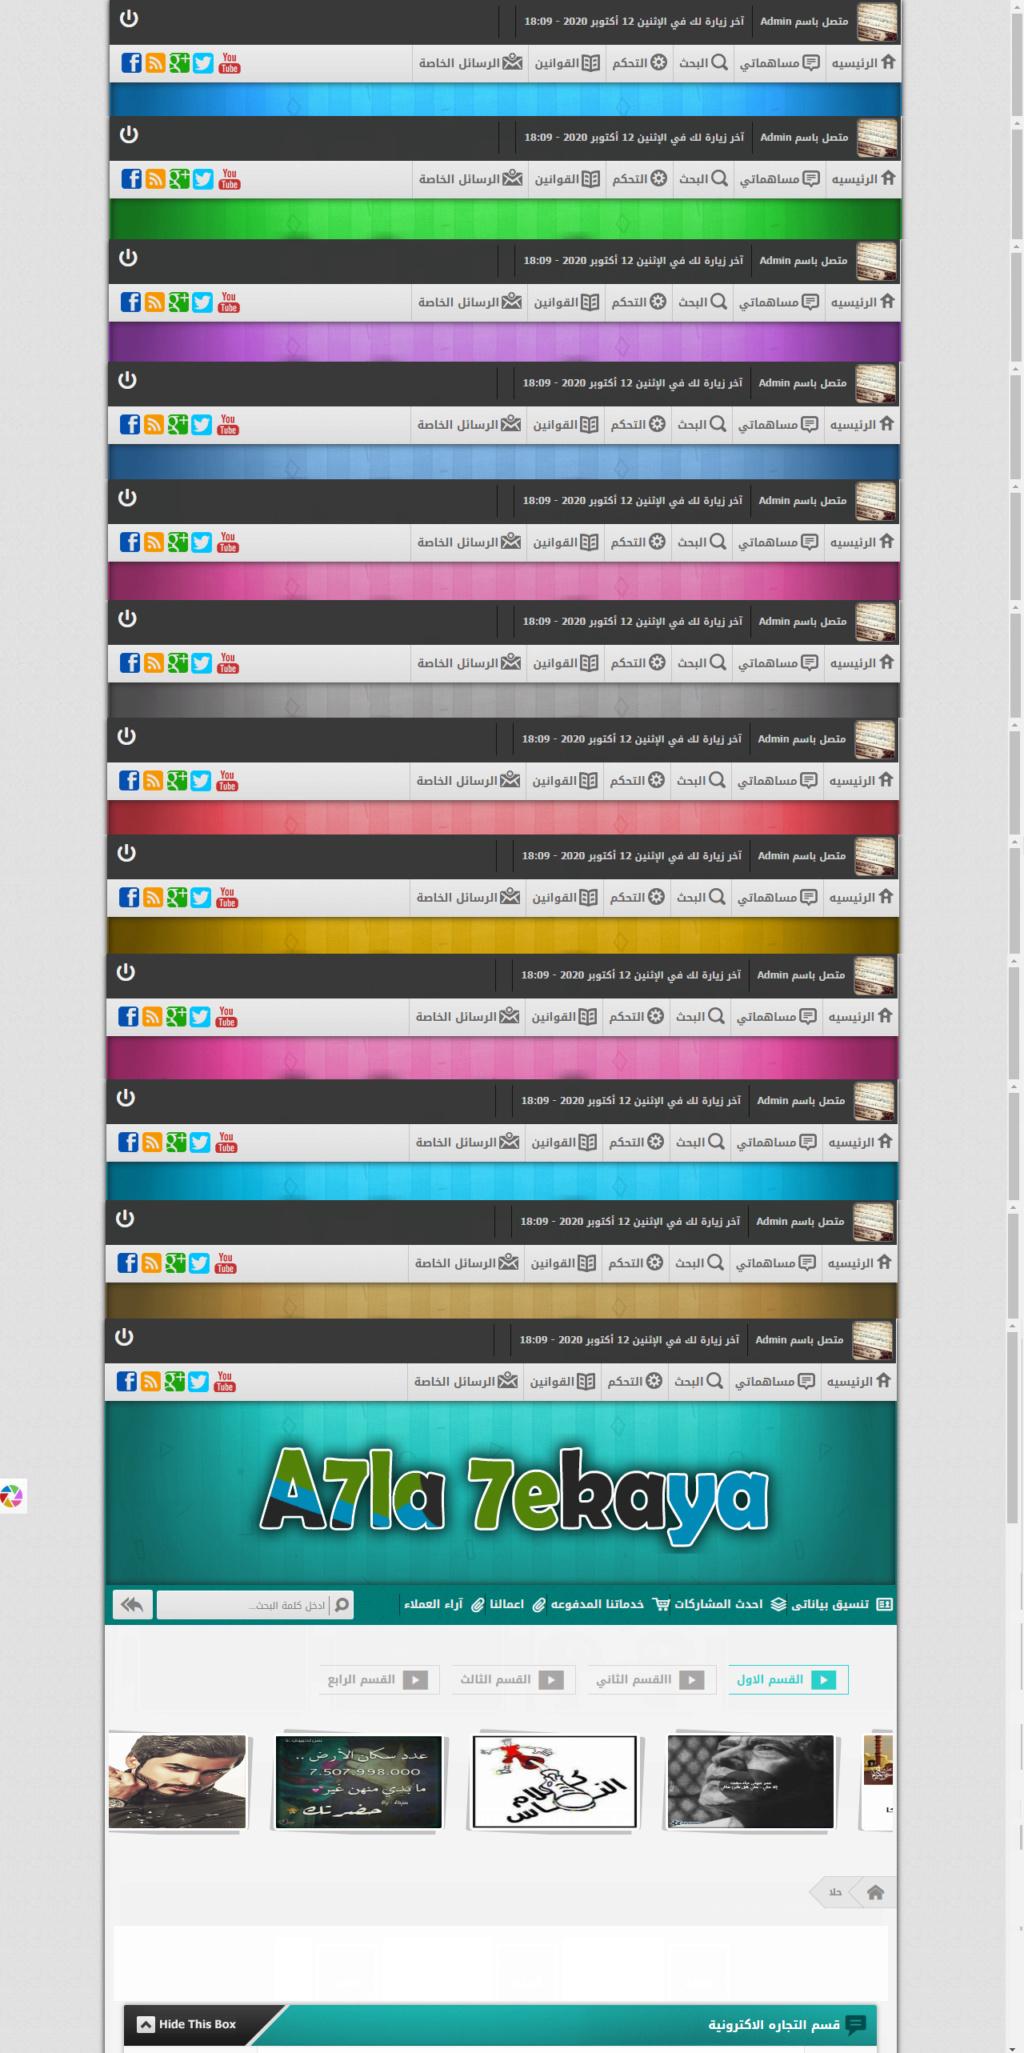 [Style]تومبلايت فنون متكامل متعدد 12 لون تحويل الطائر الحر 12-10-11